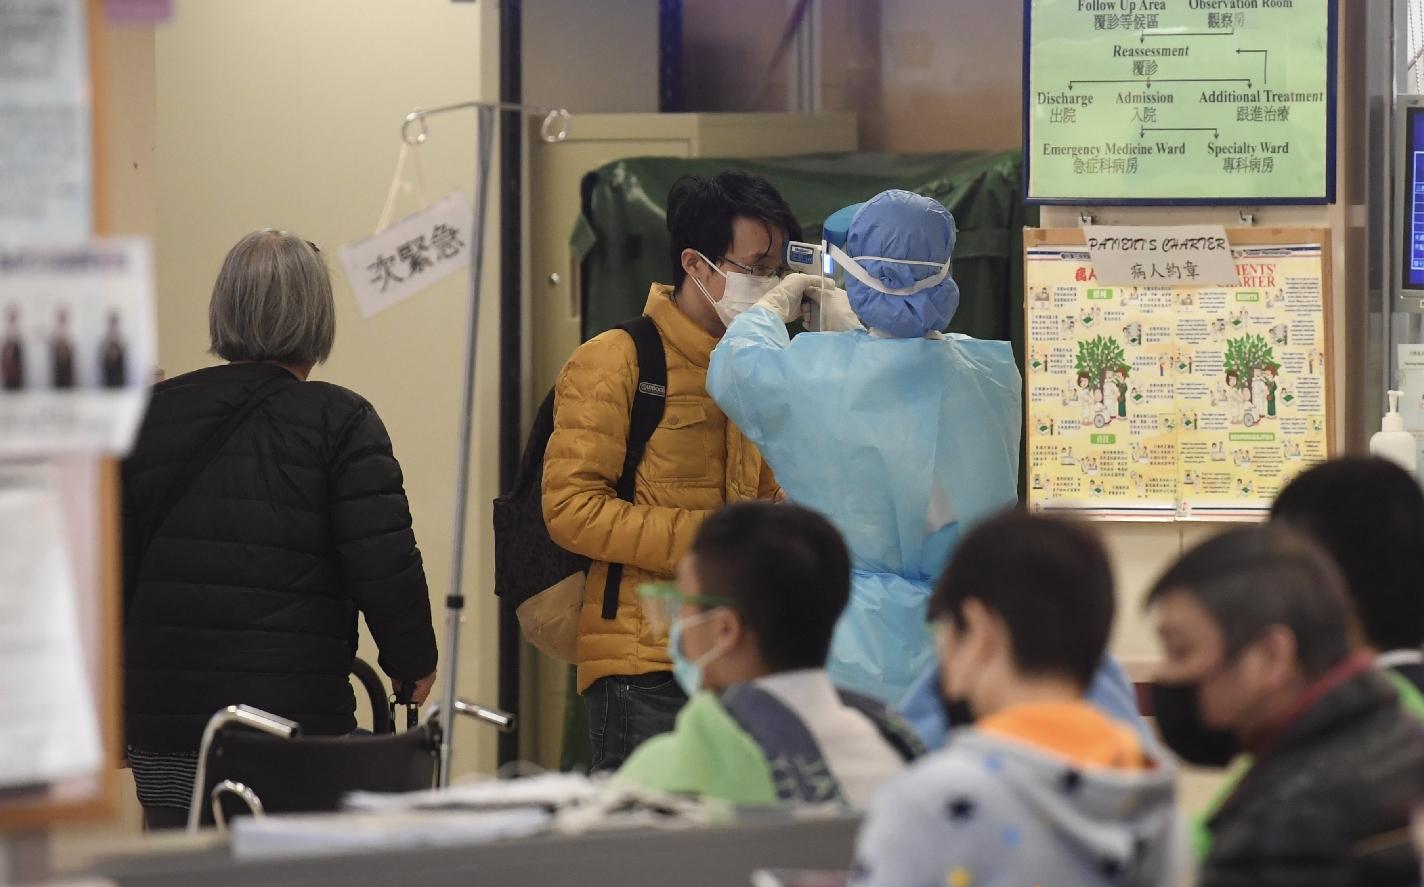 港科大研快速测试仪投用 40分钟检新病毒